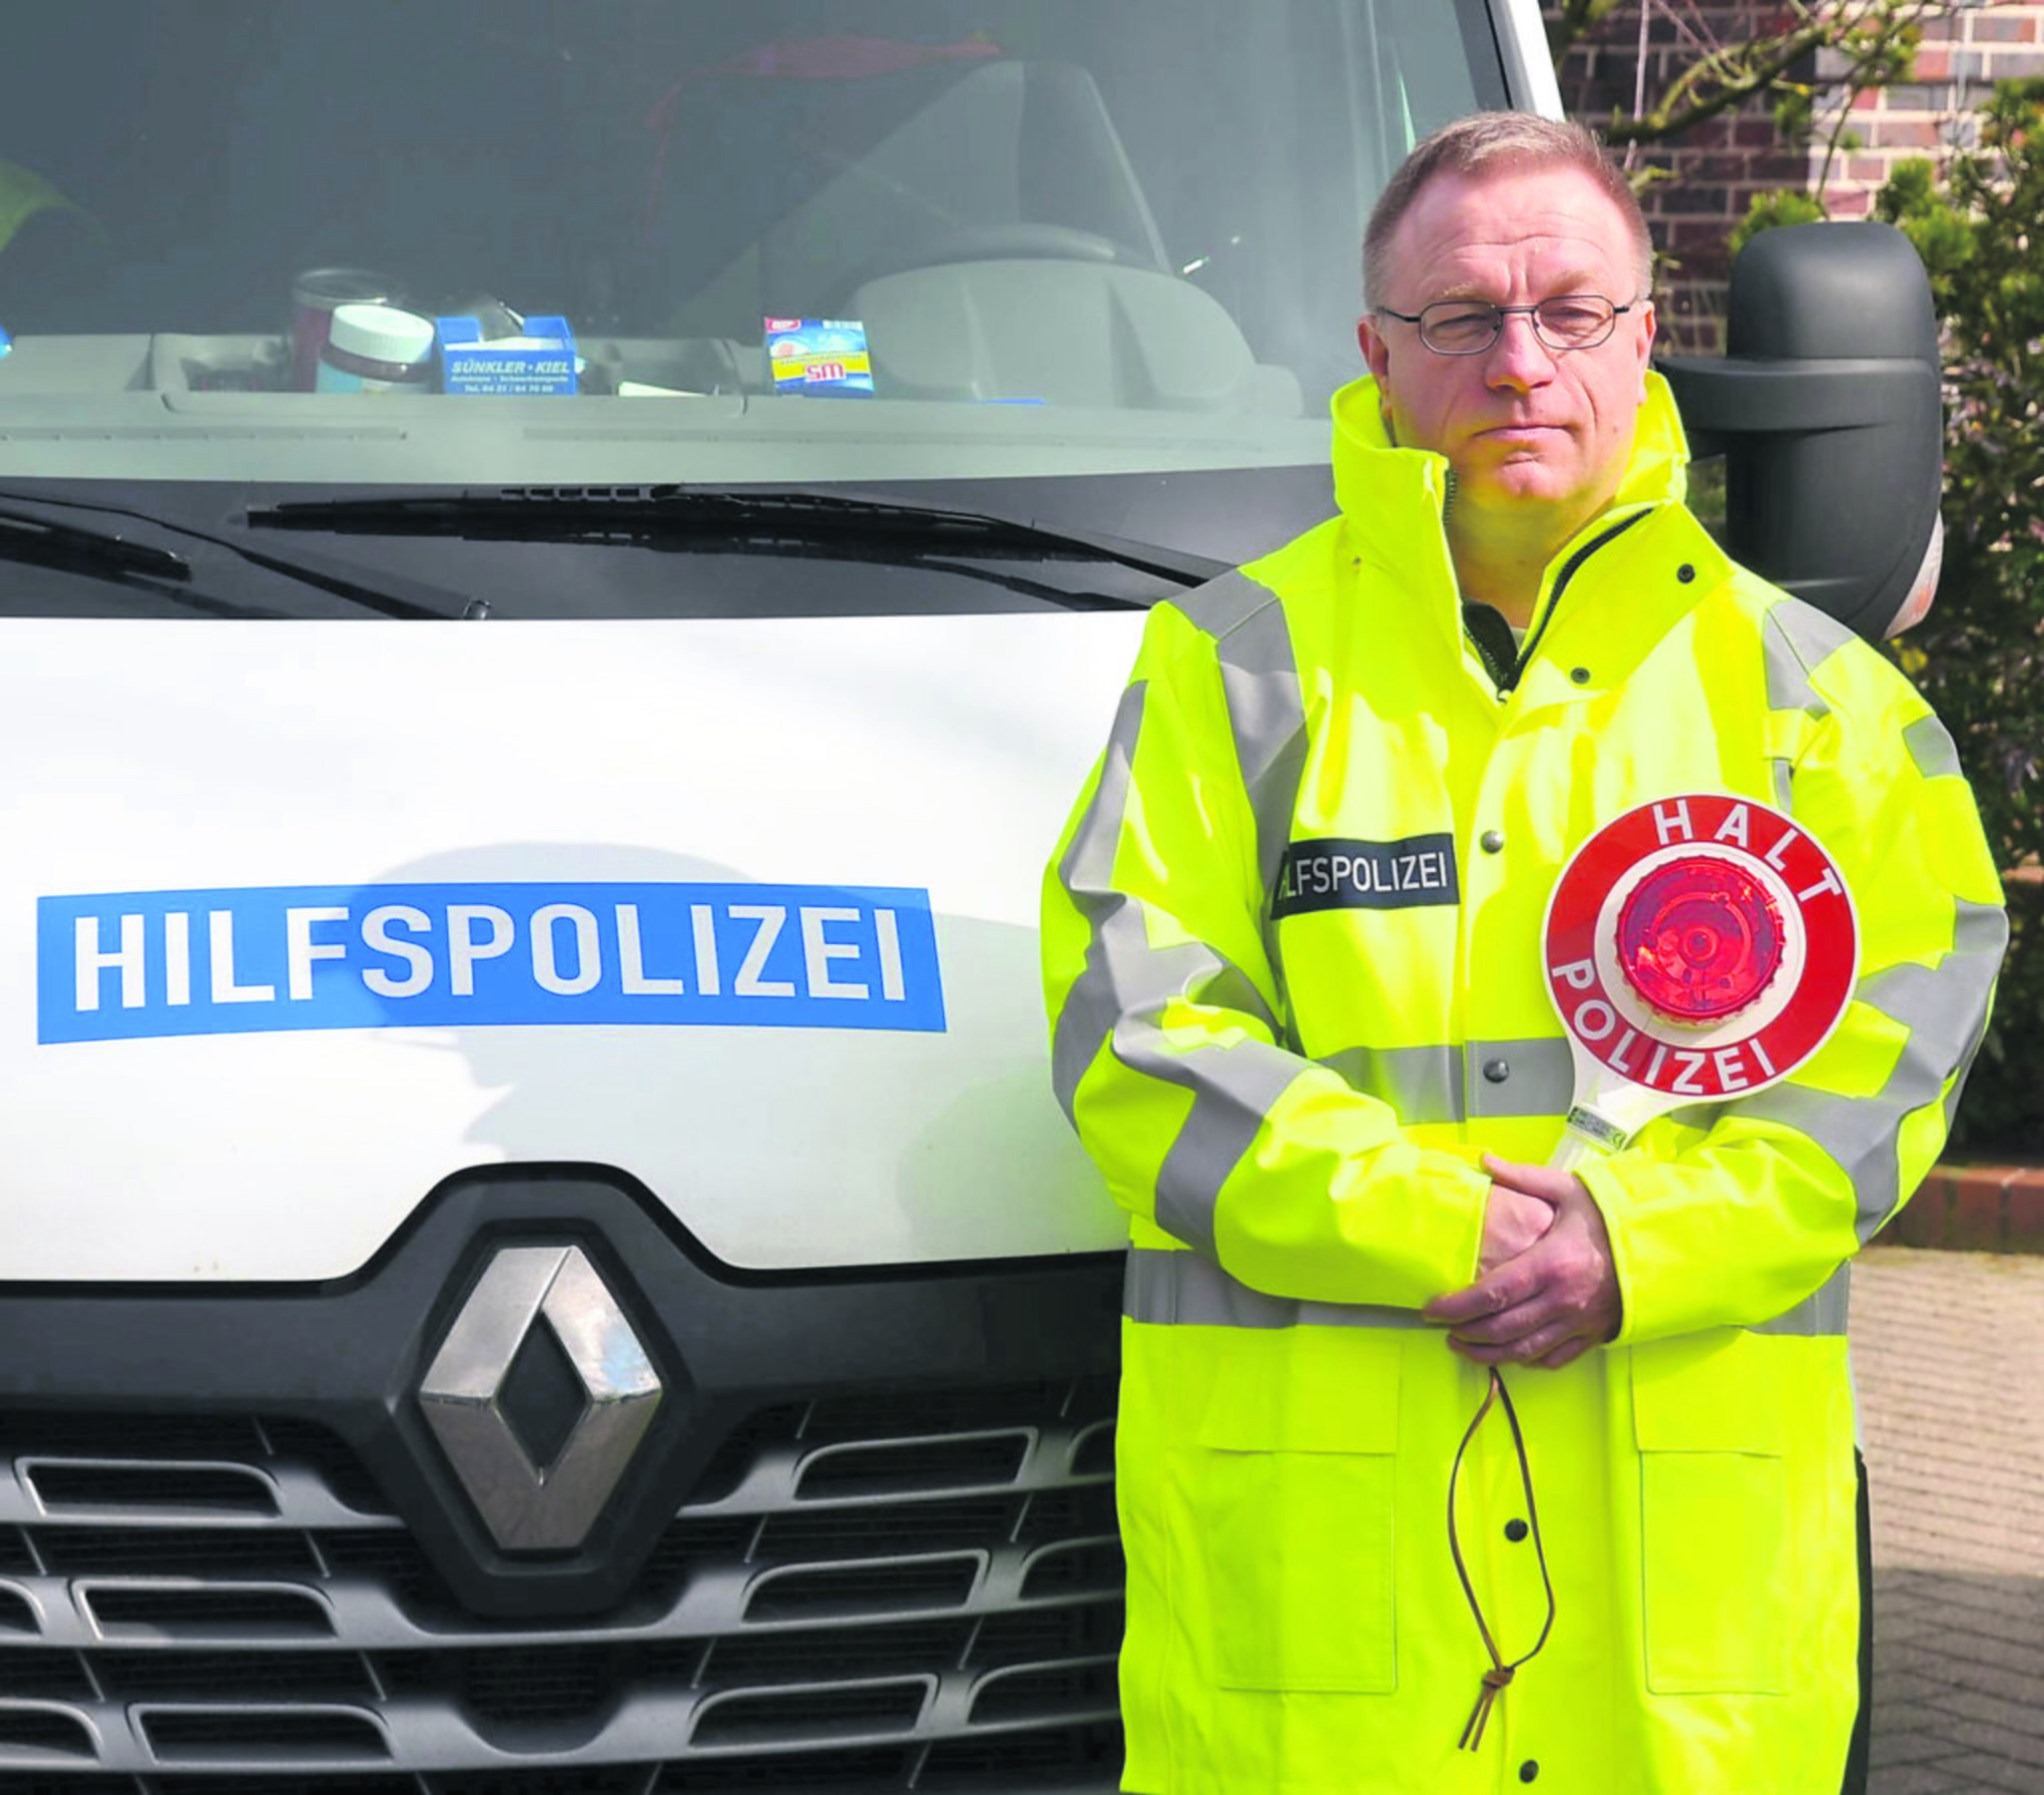 Hilfspolizist